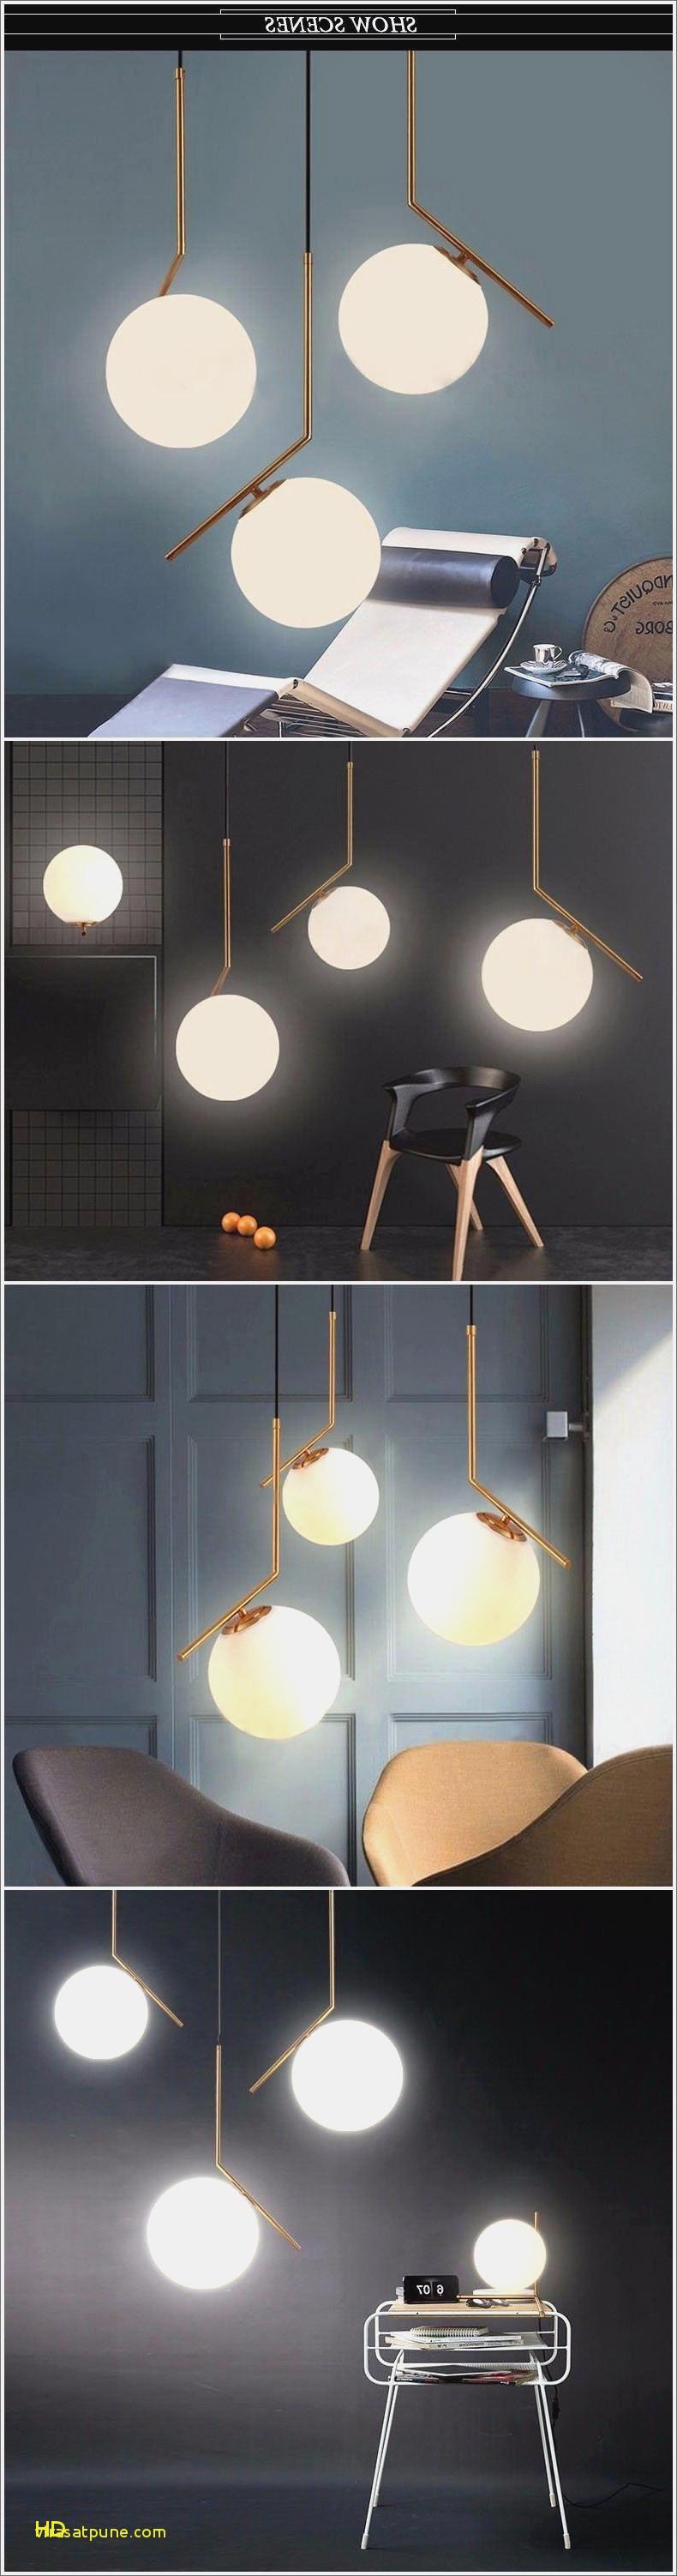 Faux Plafond Cuisine Design Impressionnant Photos 18 Awesome Eclairage Plafond Cuisine